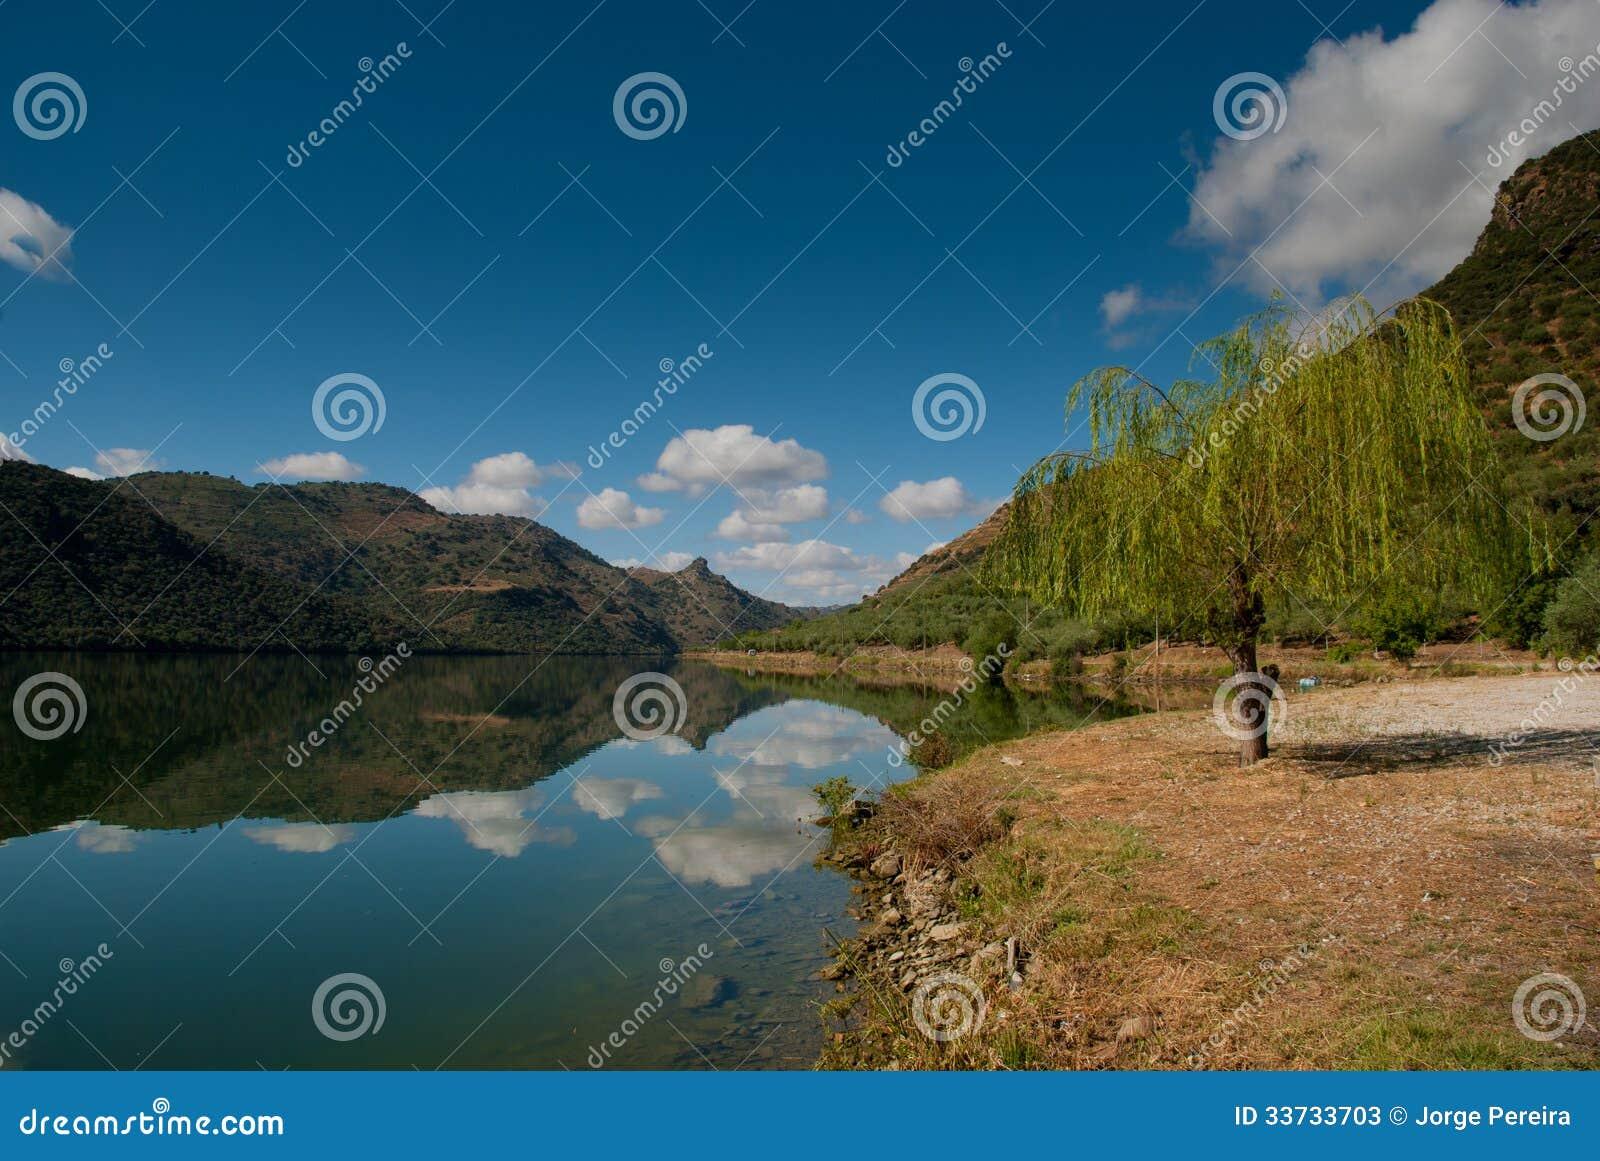 Около реки Дуэро